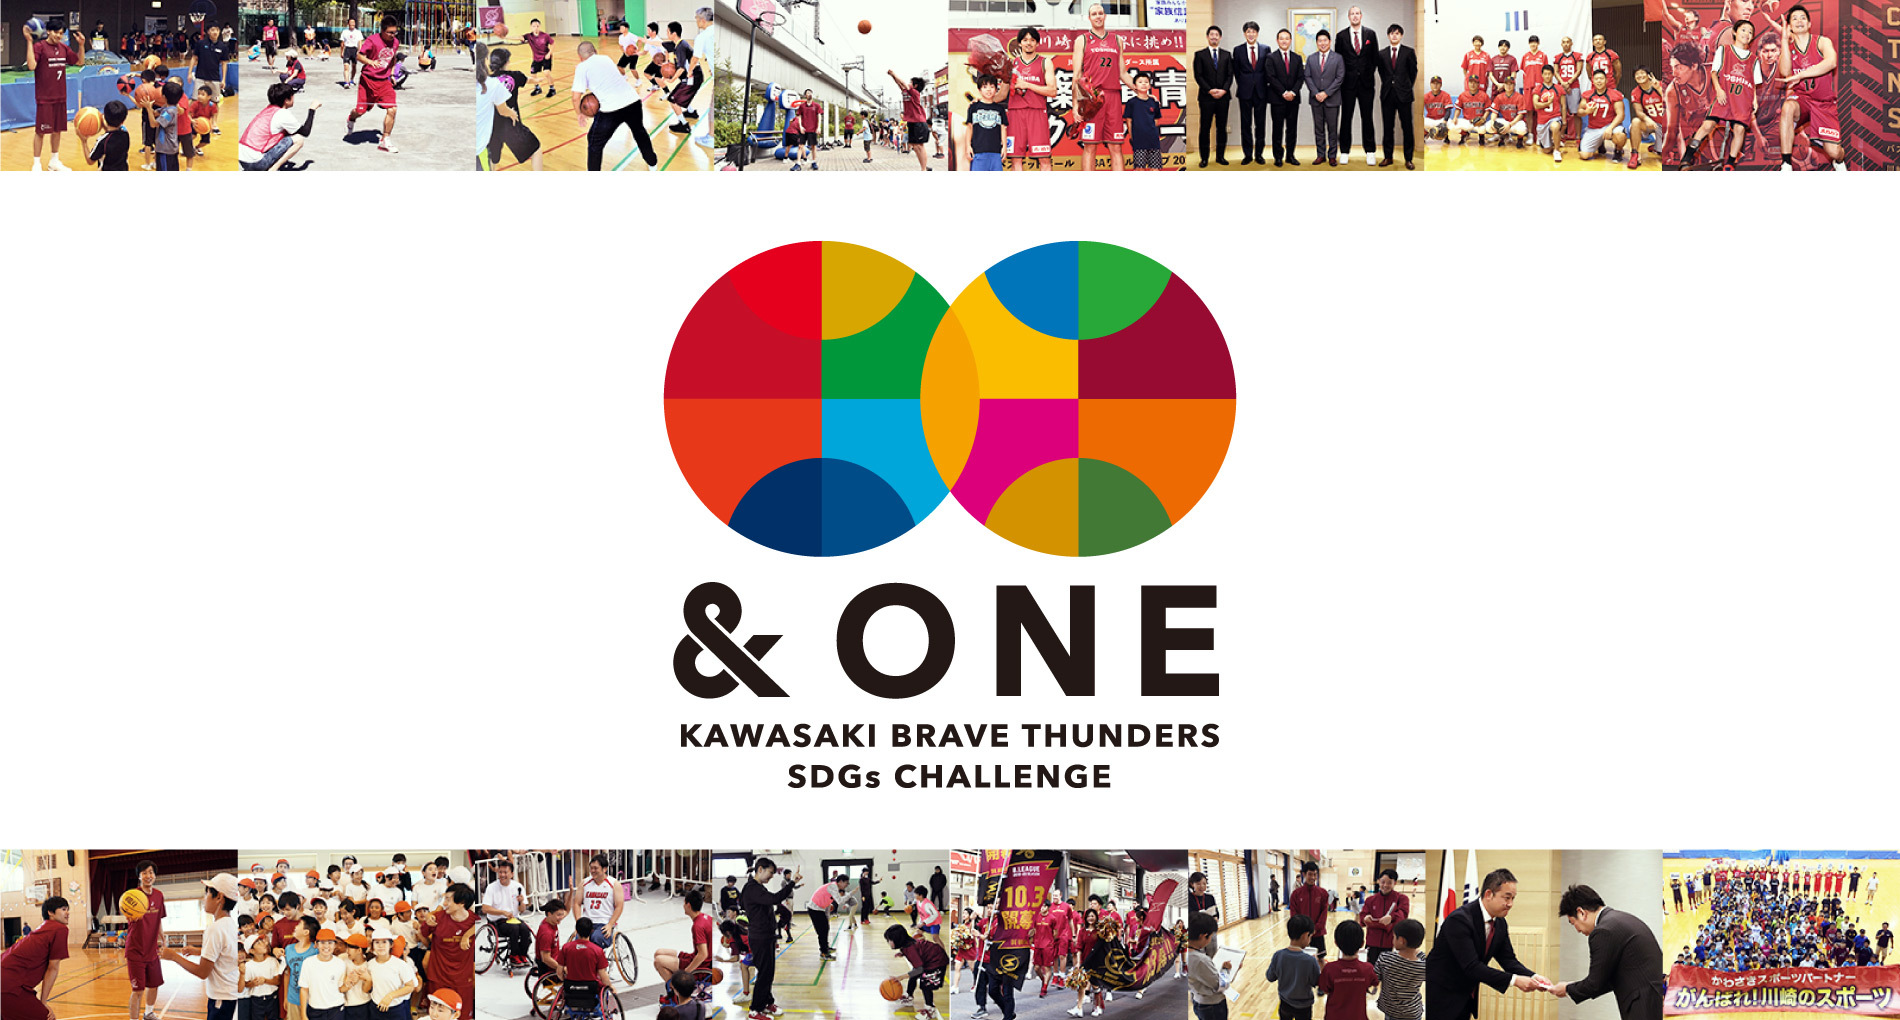 &ONE KAWASAKI BRAVE THUNDERS SDGs CHALLENGE